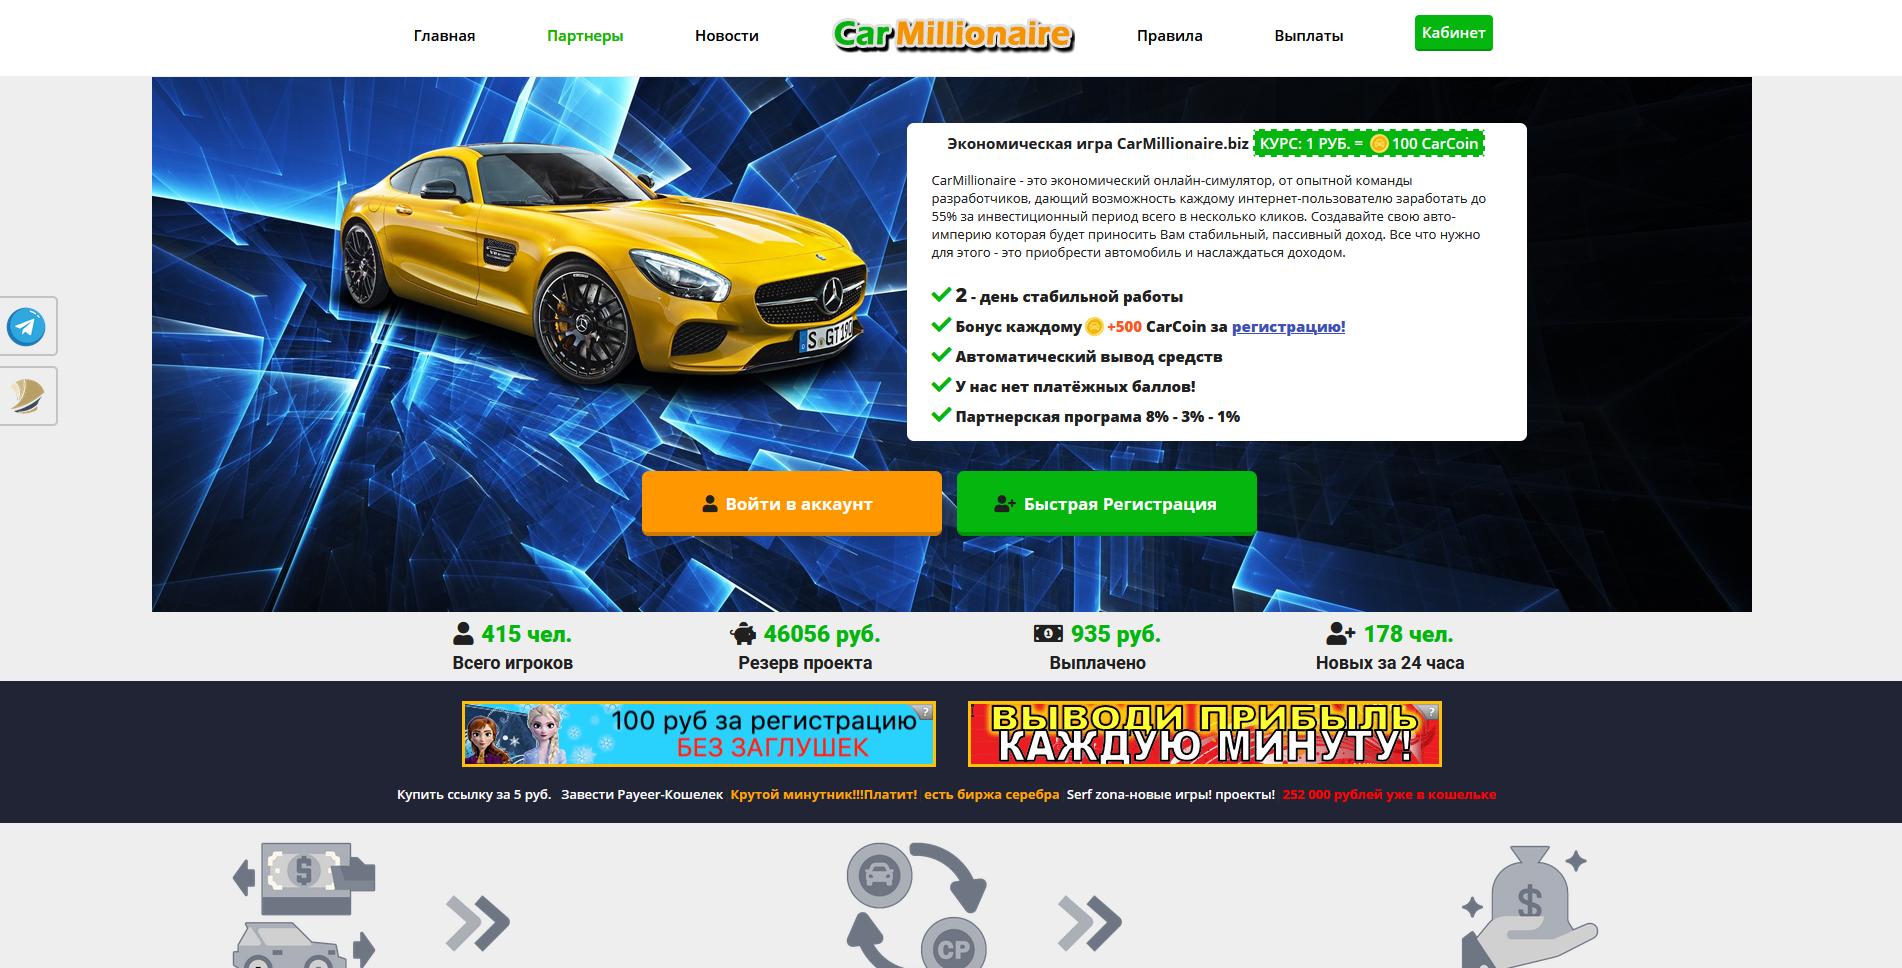 Car millionaire - Car-millionaire.biz